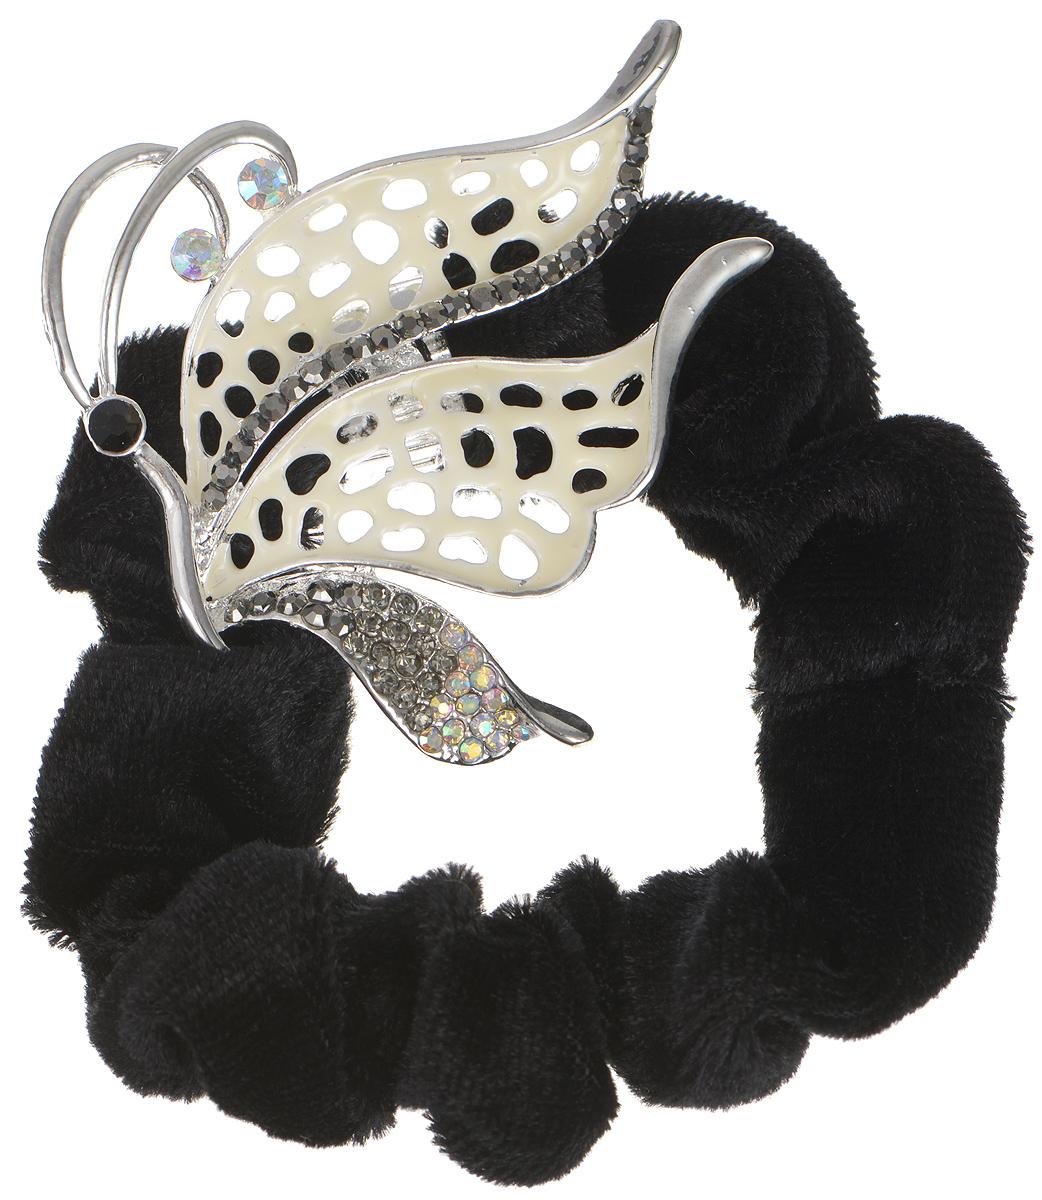 Резинка для волос Fashion House, цвет: серебро, черный. FH32388